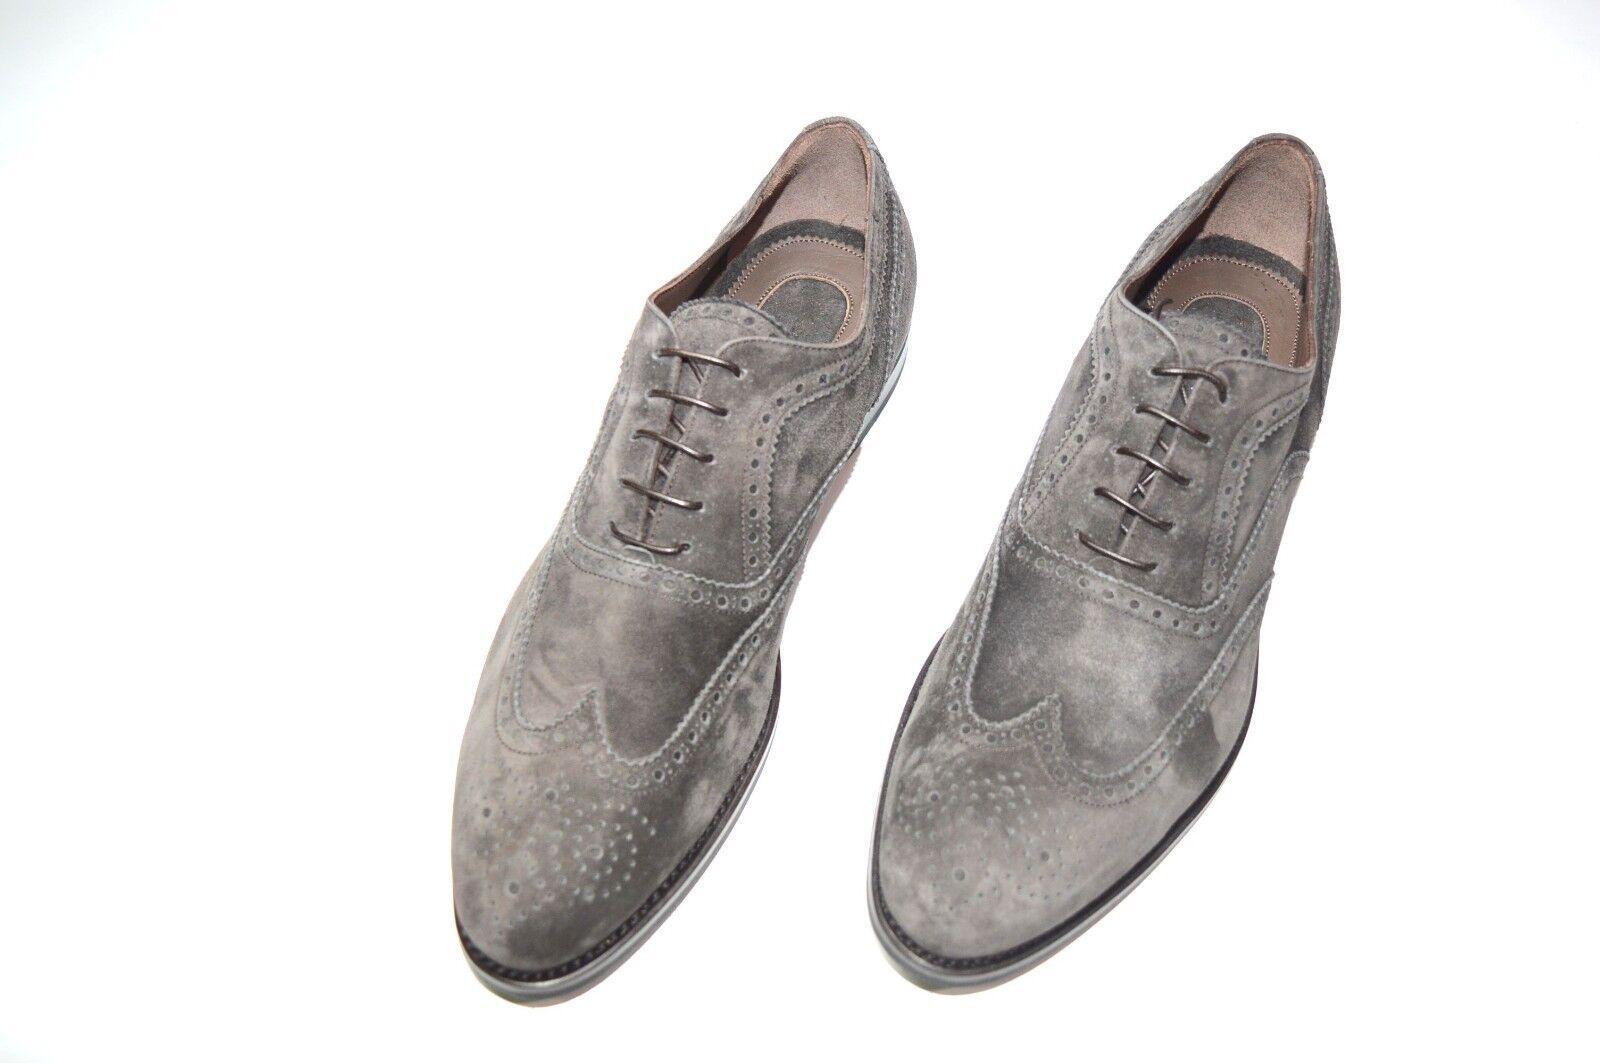 Nuevo De Lujo Cuero STEFANO RICCI Zapatos Talla nos 8 (COD A179)